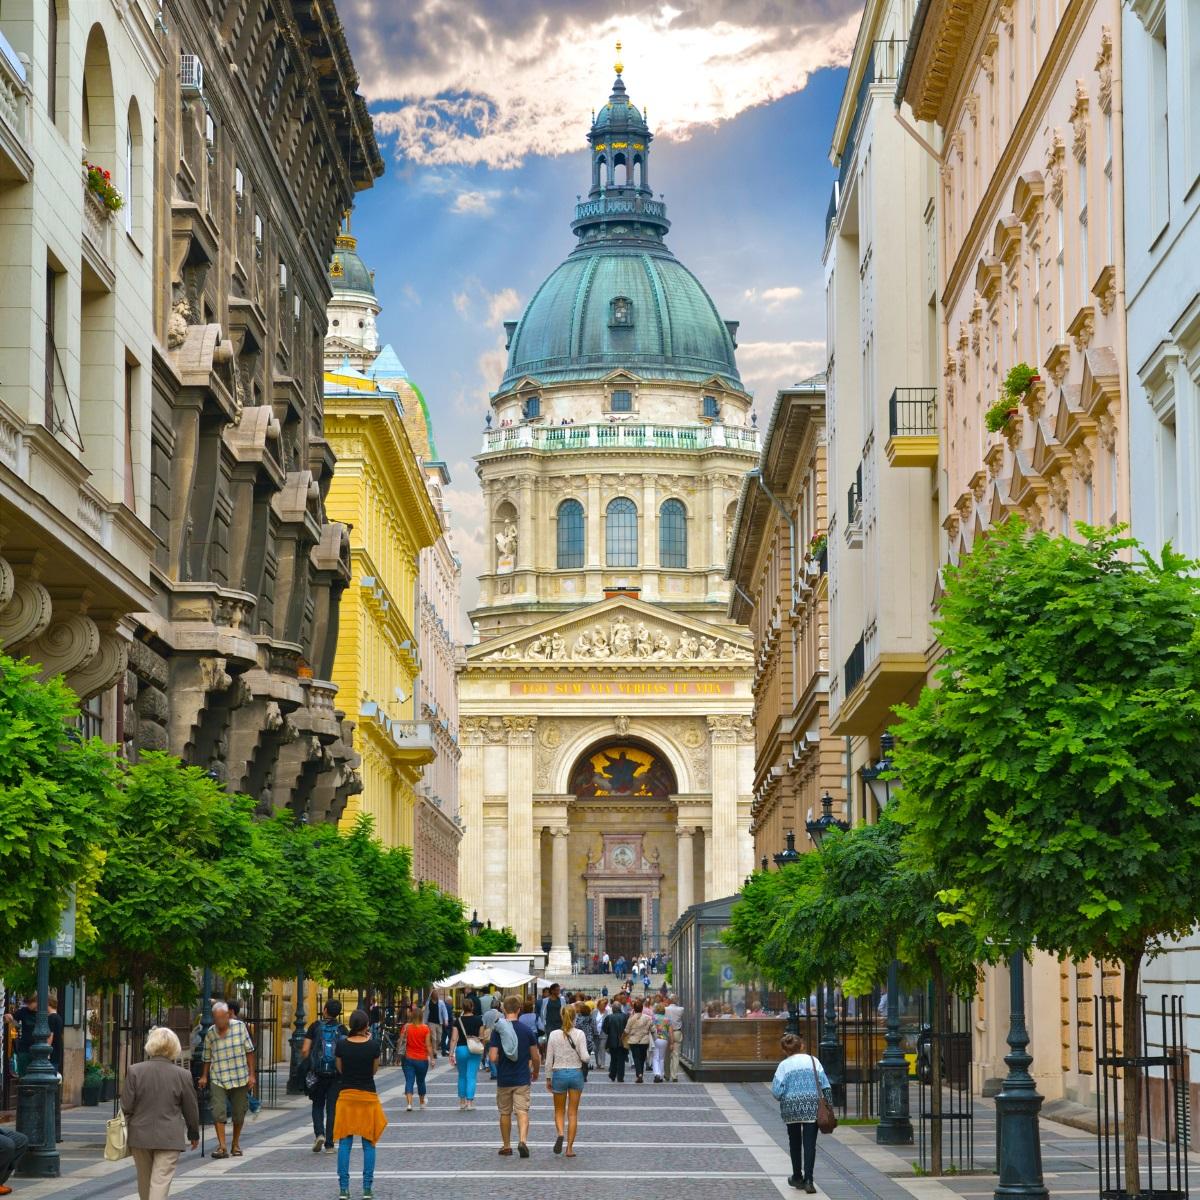 10. Будапеща - Минерални бани, горещи извори и много забележителности за разглеждане, в този град просто не остава време за пиене.